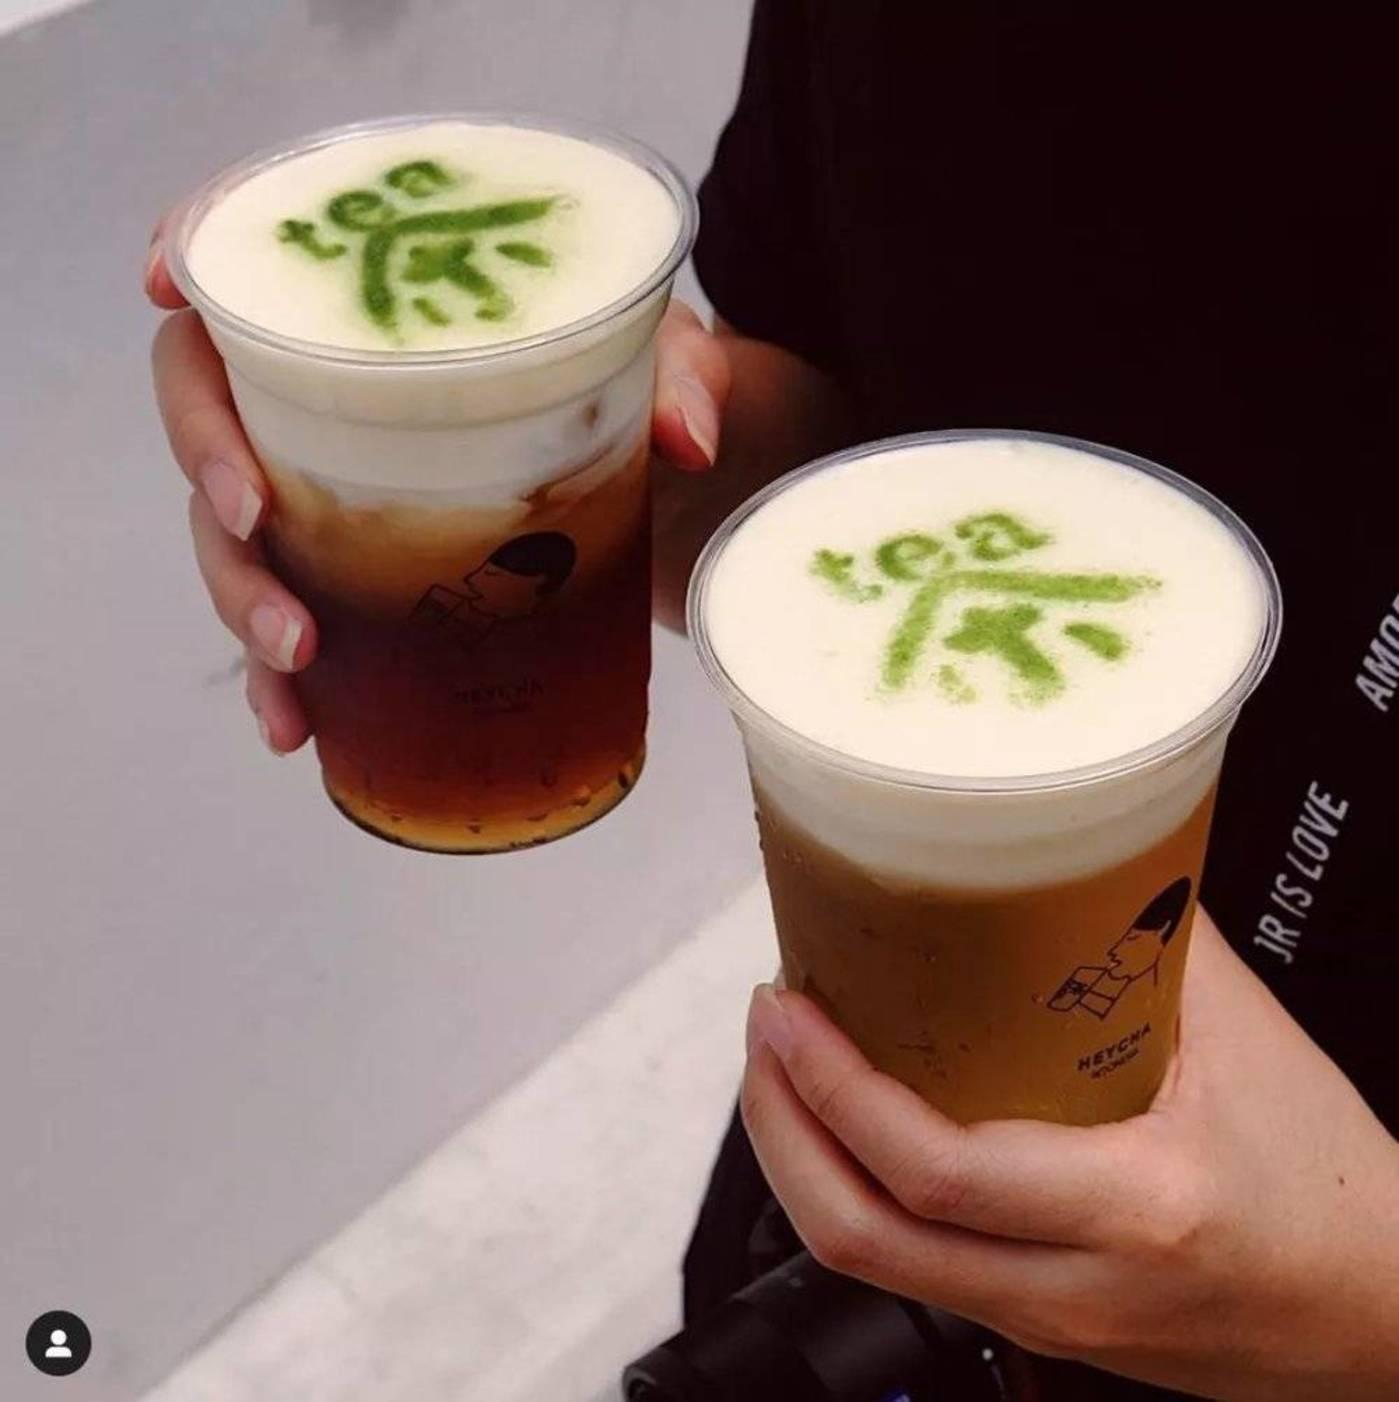 """其中的一款产品,奶盖上还用抹茶粉写着汉字的""""茶""""。"""